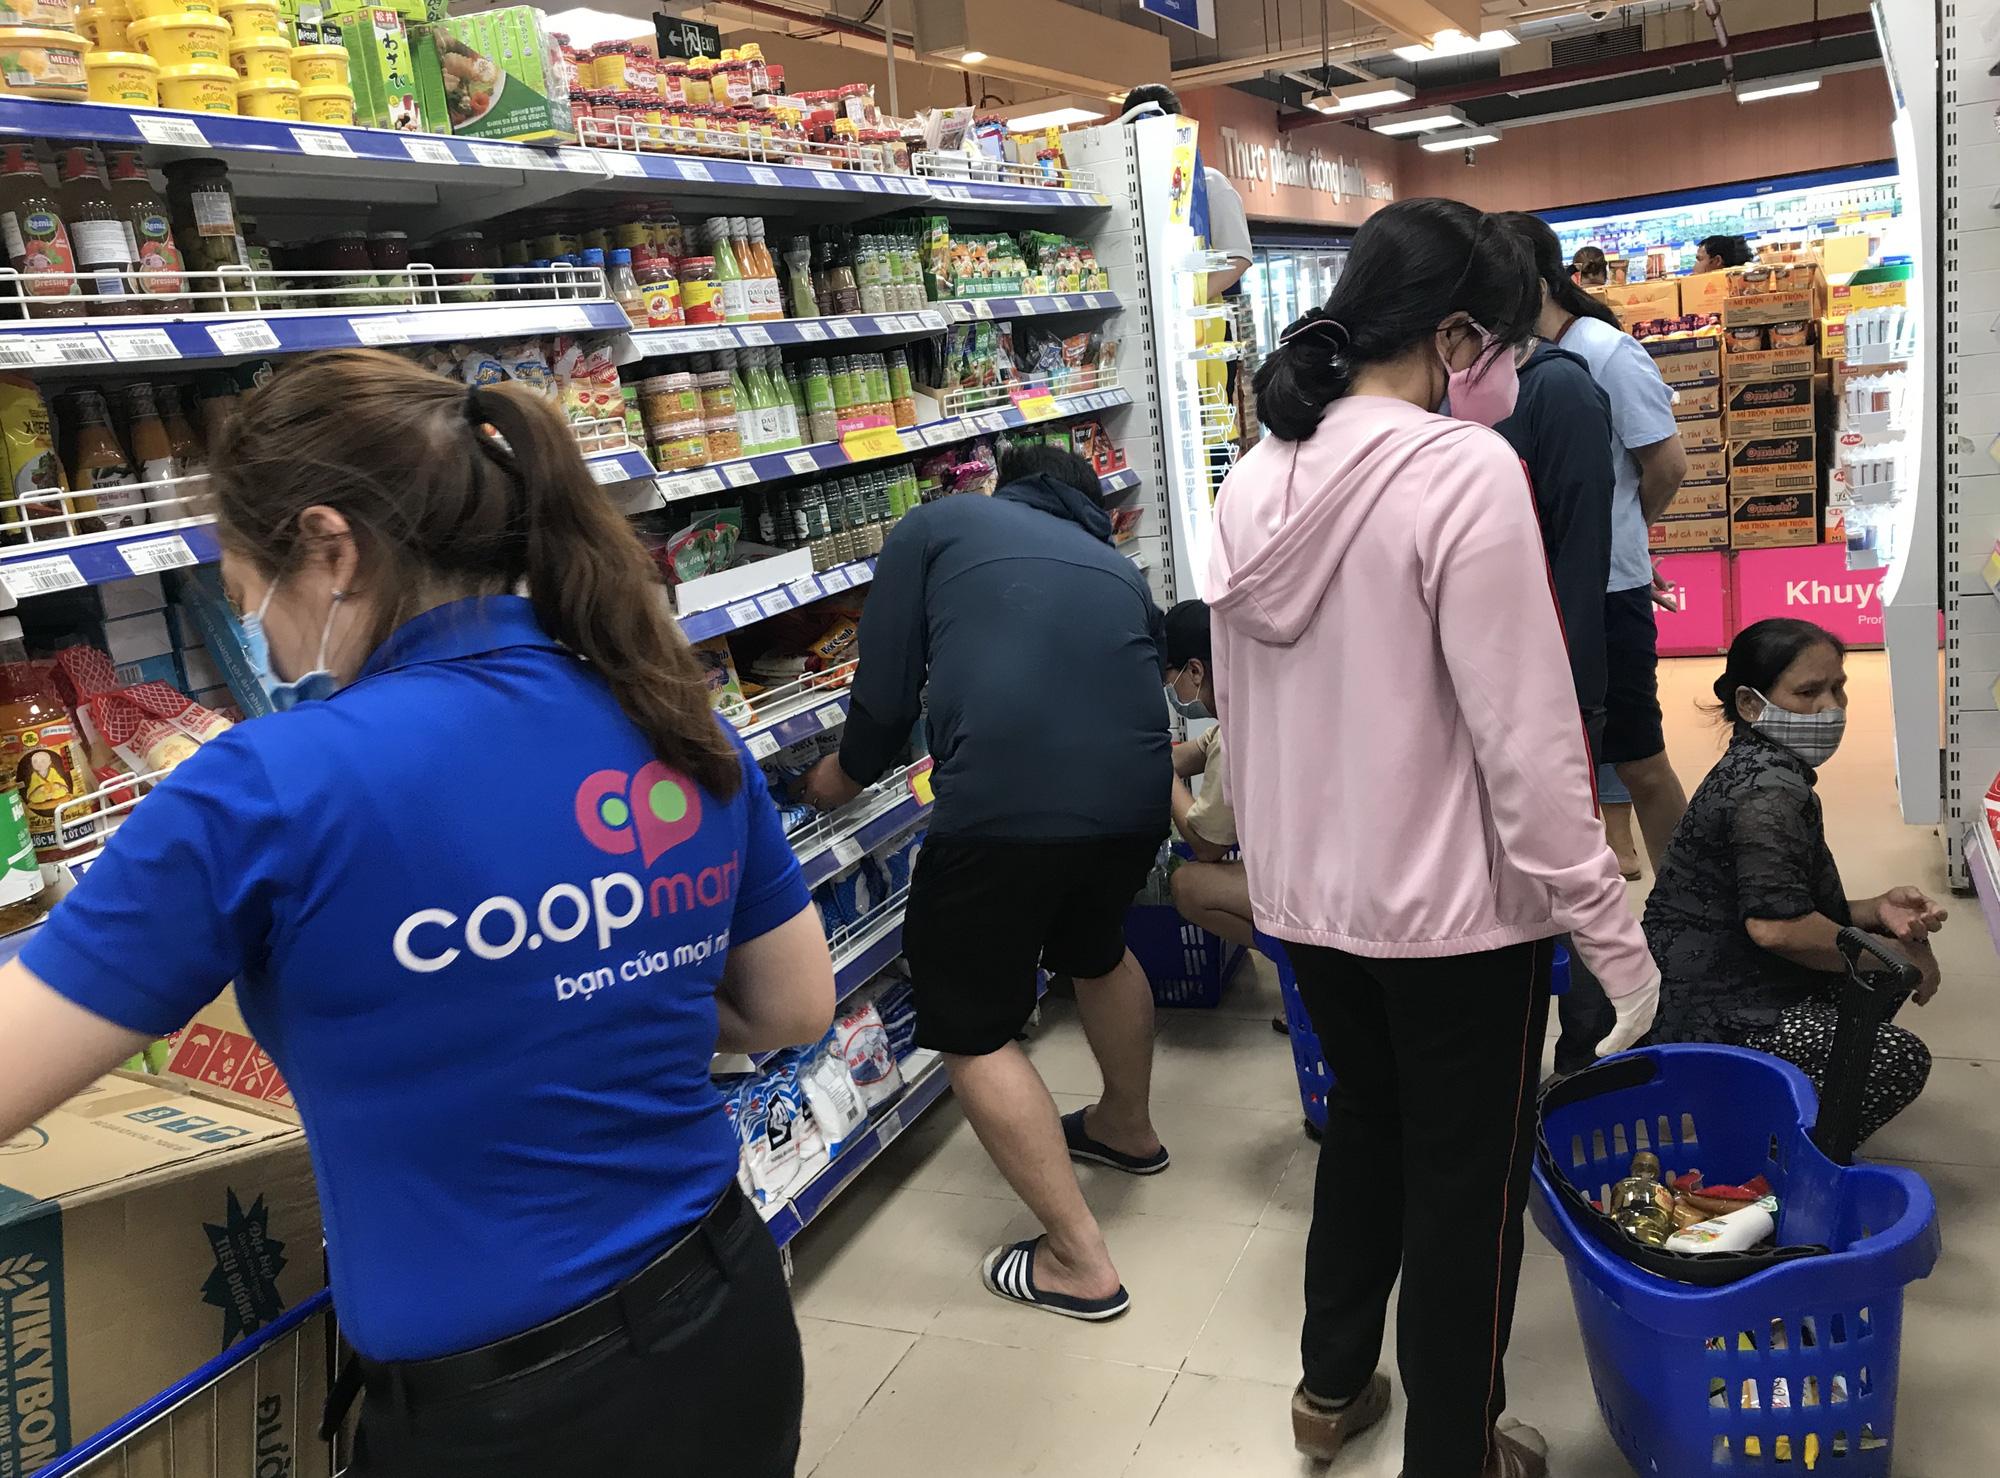 3 kịch bản cung ứng thực phẩm cho người dân TP HCM, Co.opmart tuyên bố bán đủ hàng dự trữ cả tuần lễ - Ảnh 2.